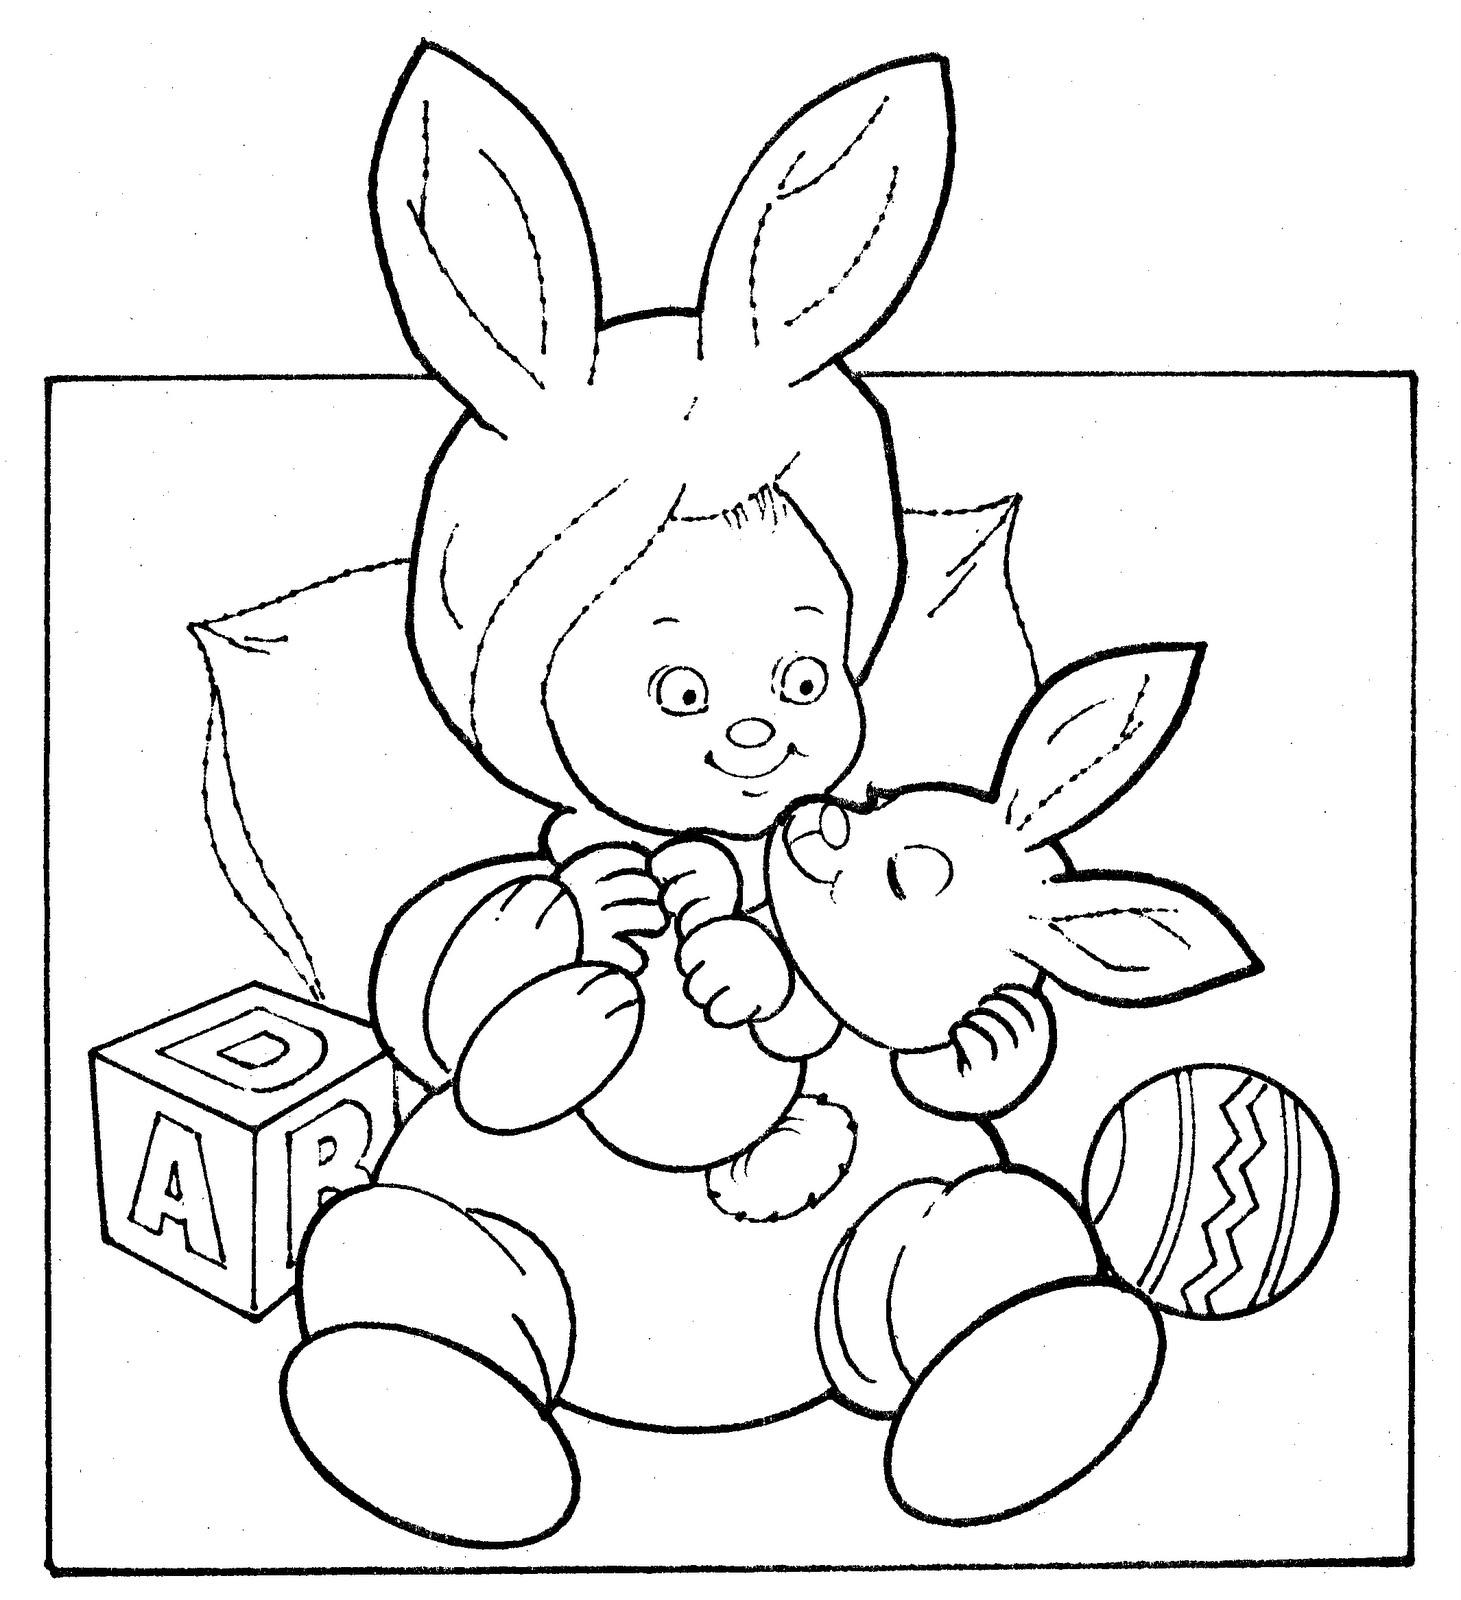 為孩子們的著色頁: Easter bunny costume - free coloring pages